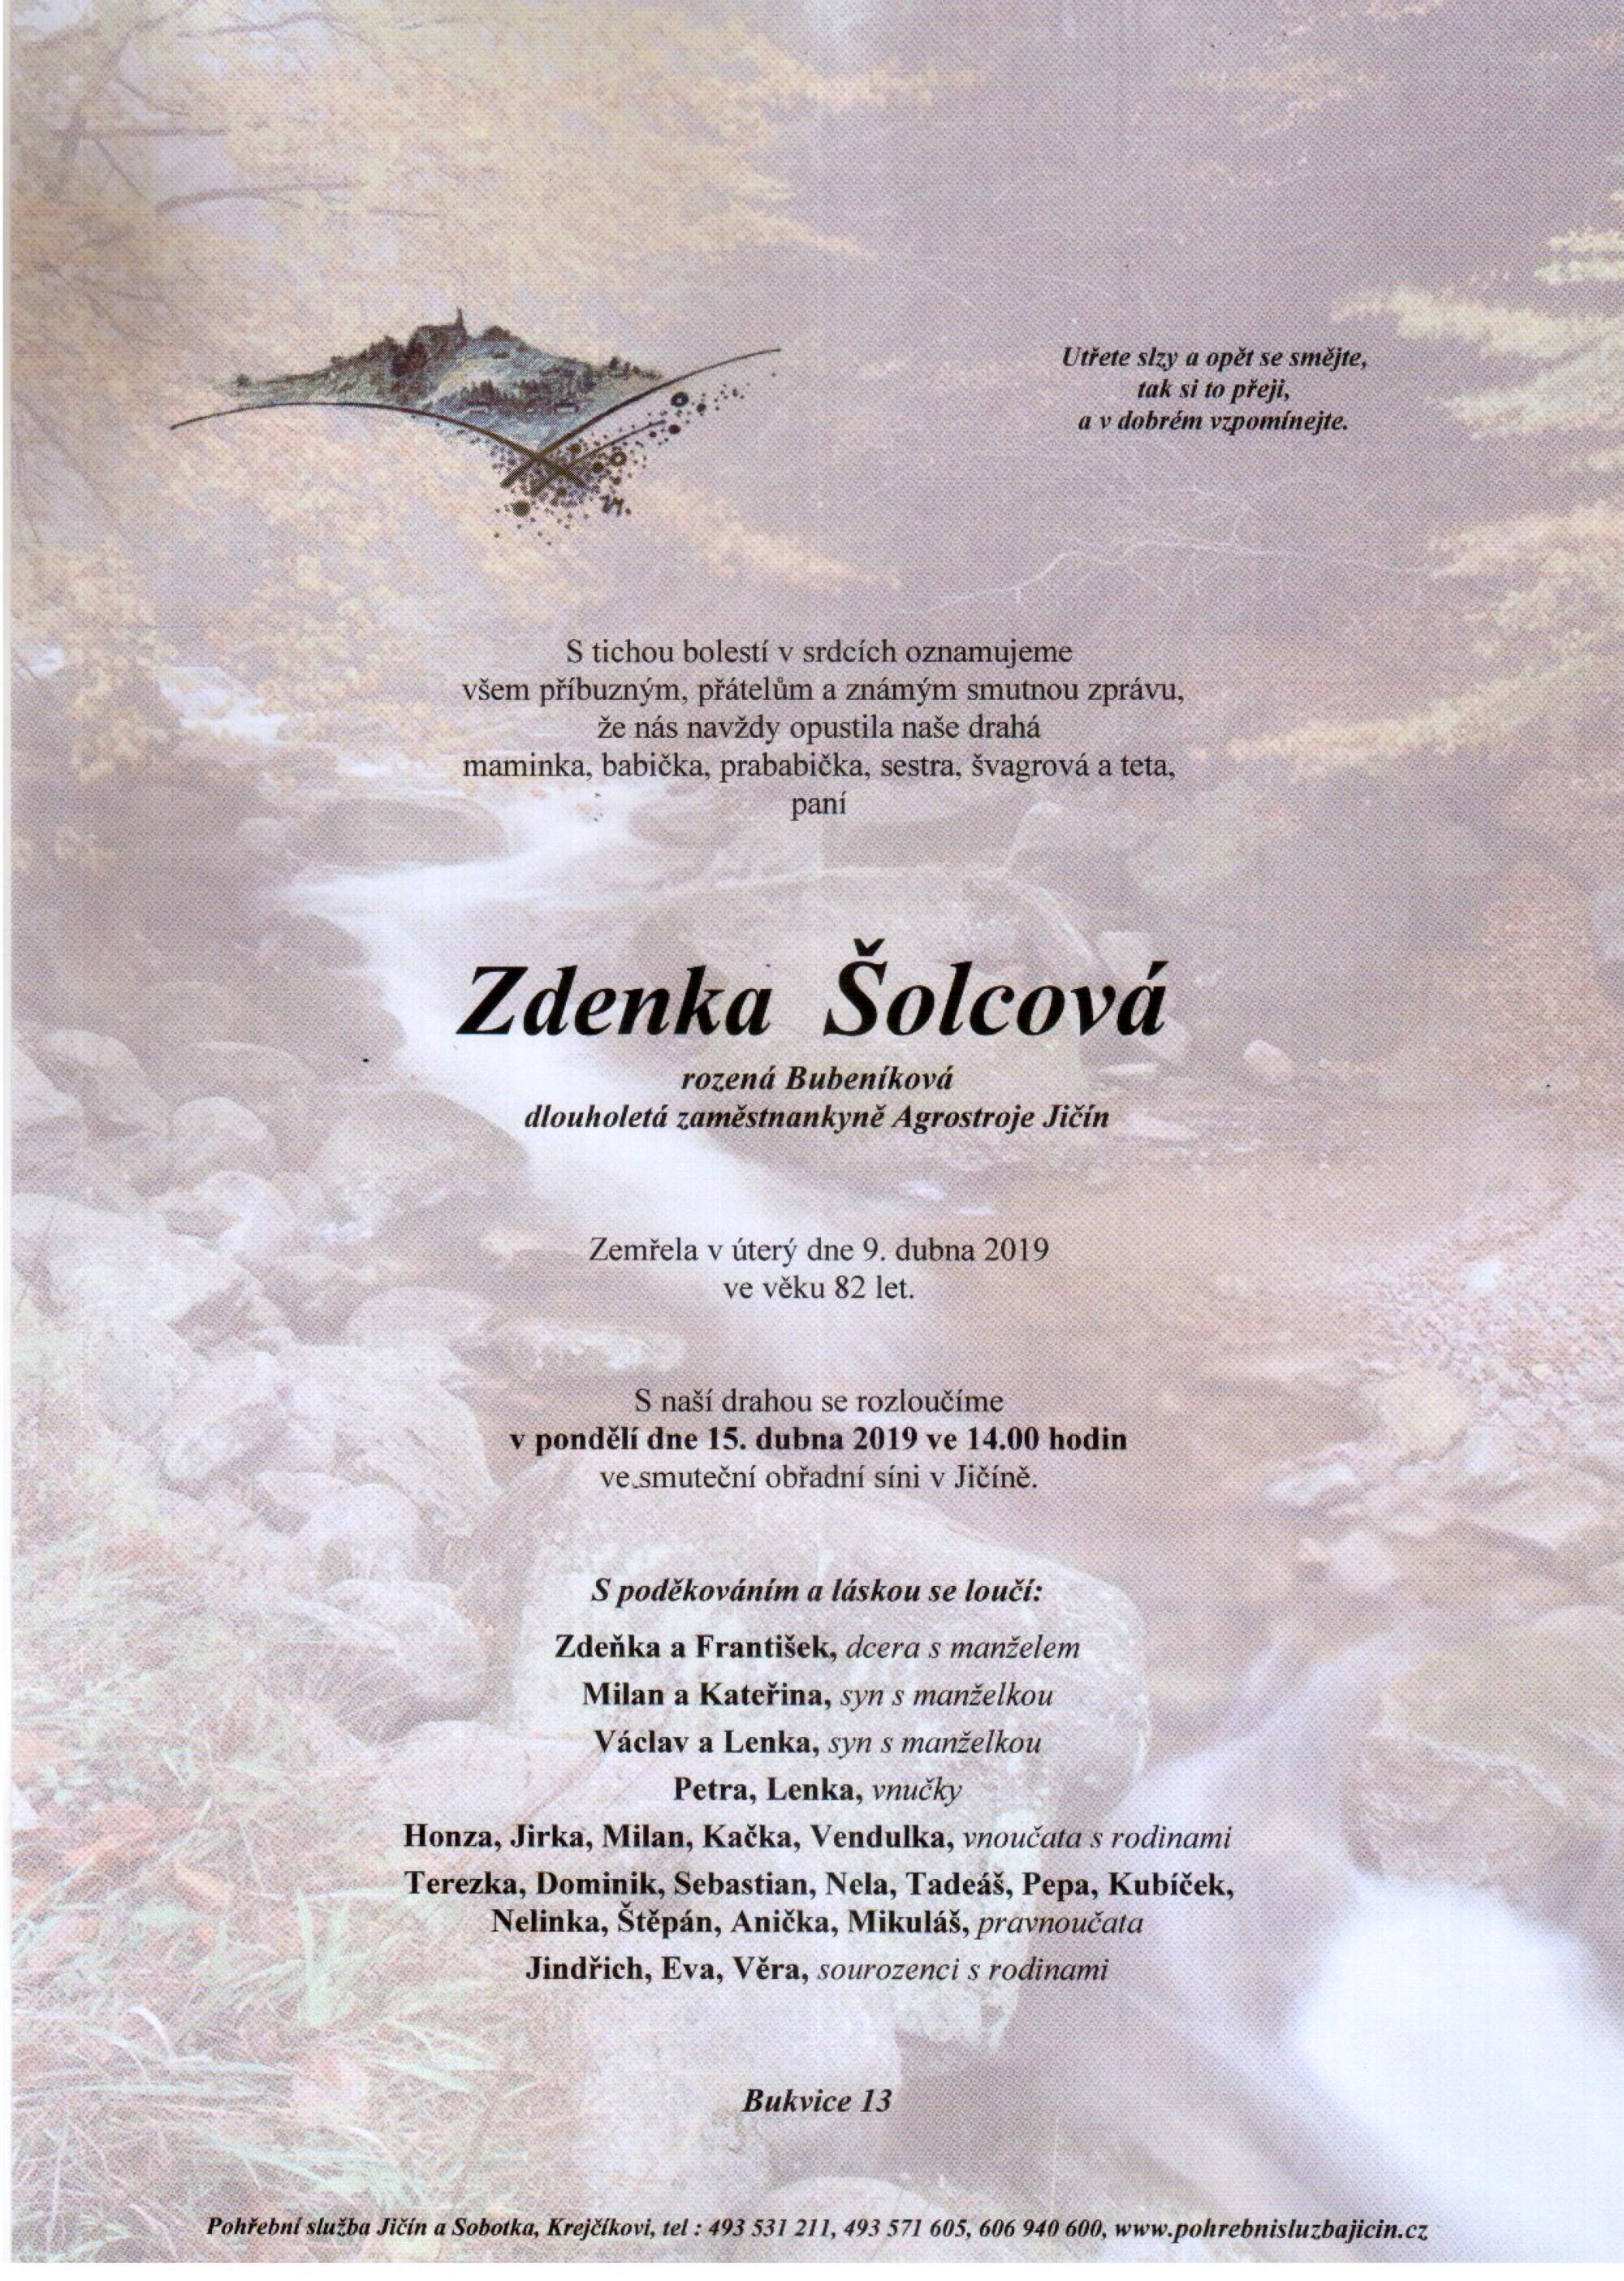 Zdenka Šolcová